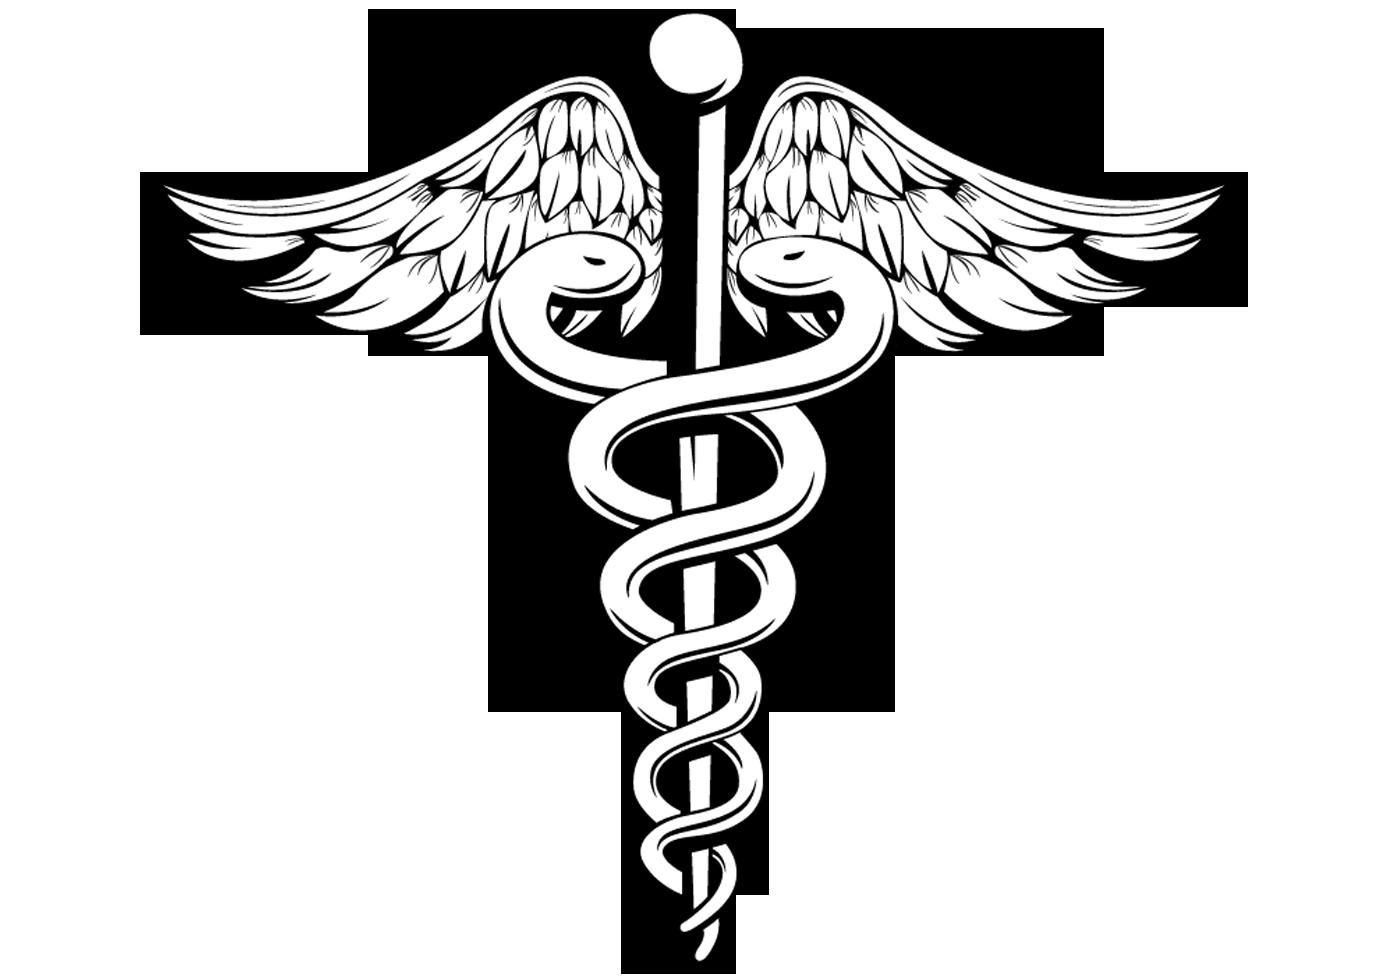 transparent medical doctor background logos